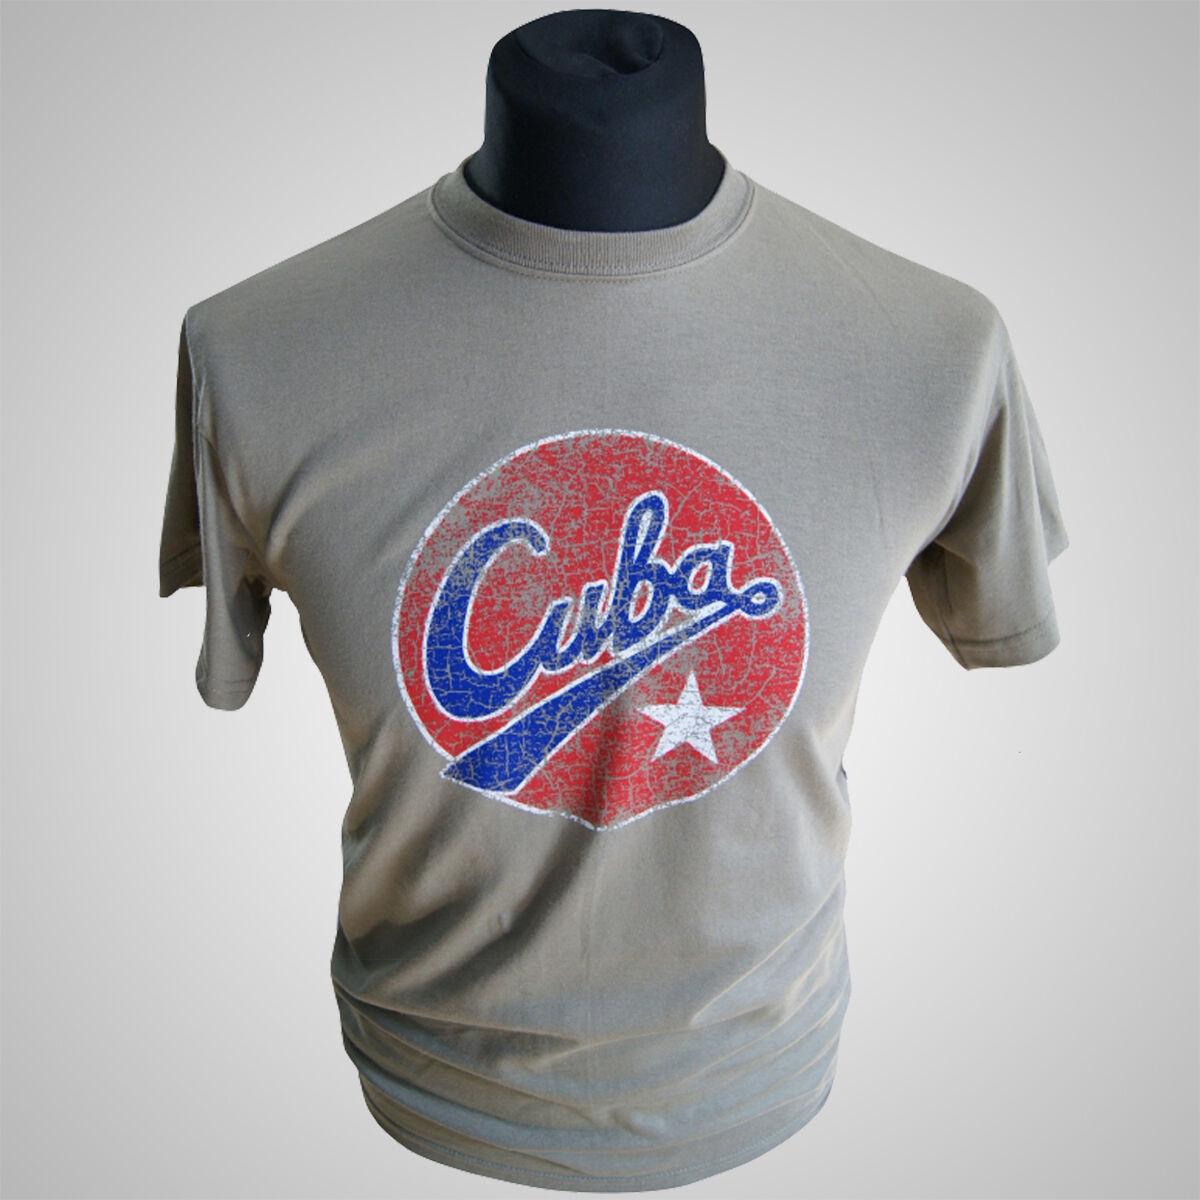 Retro K Che cuba retro t shirt che guevara fidel castro revolution ussr vintage ebay